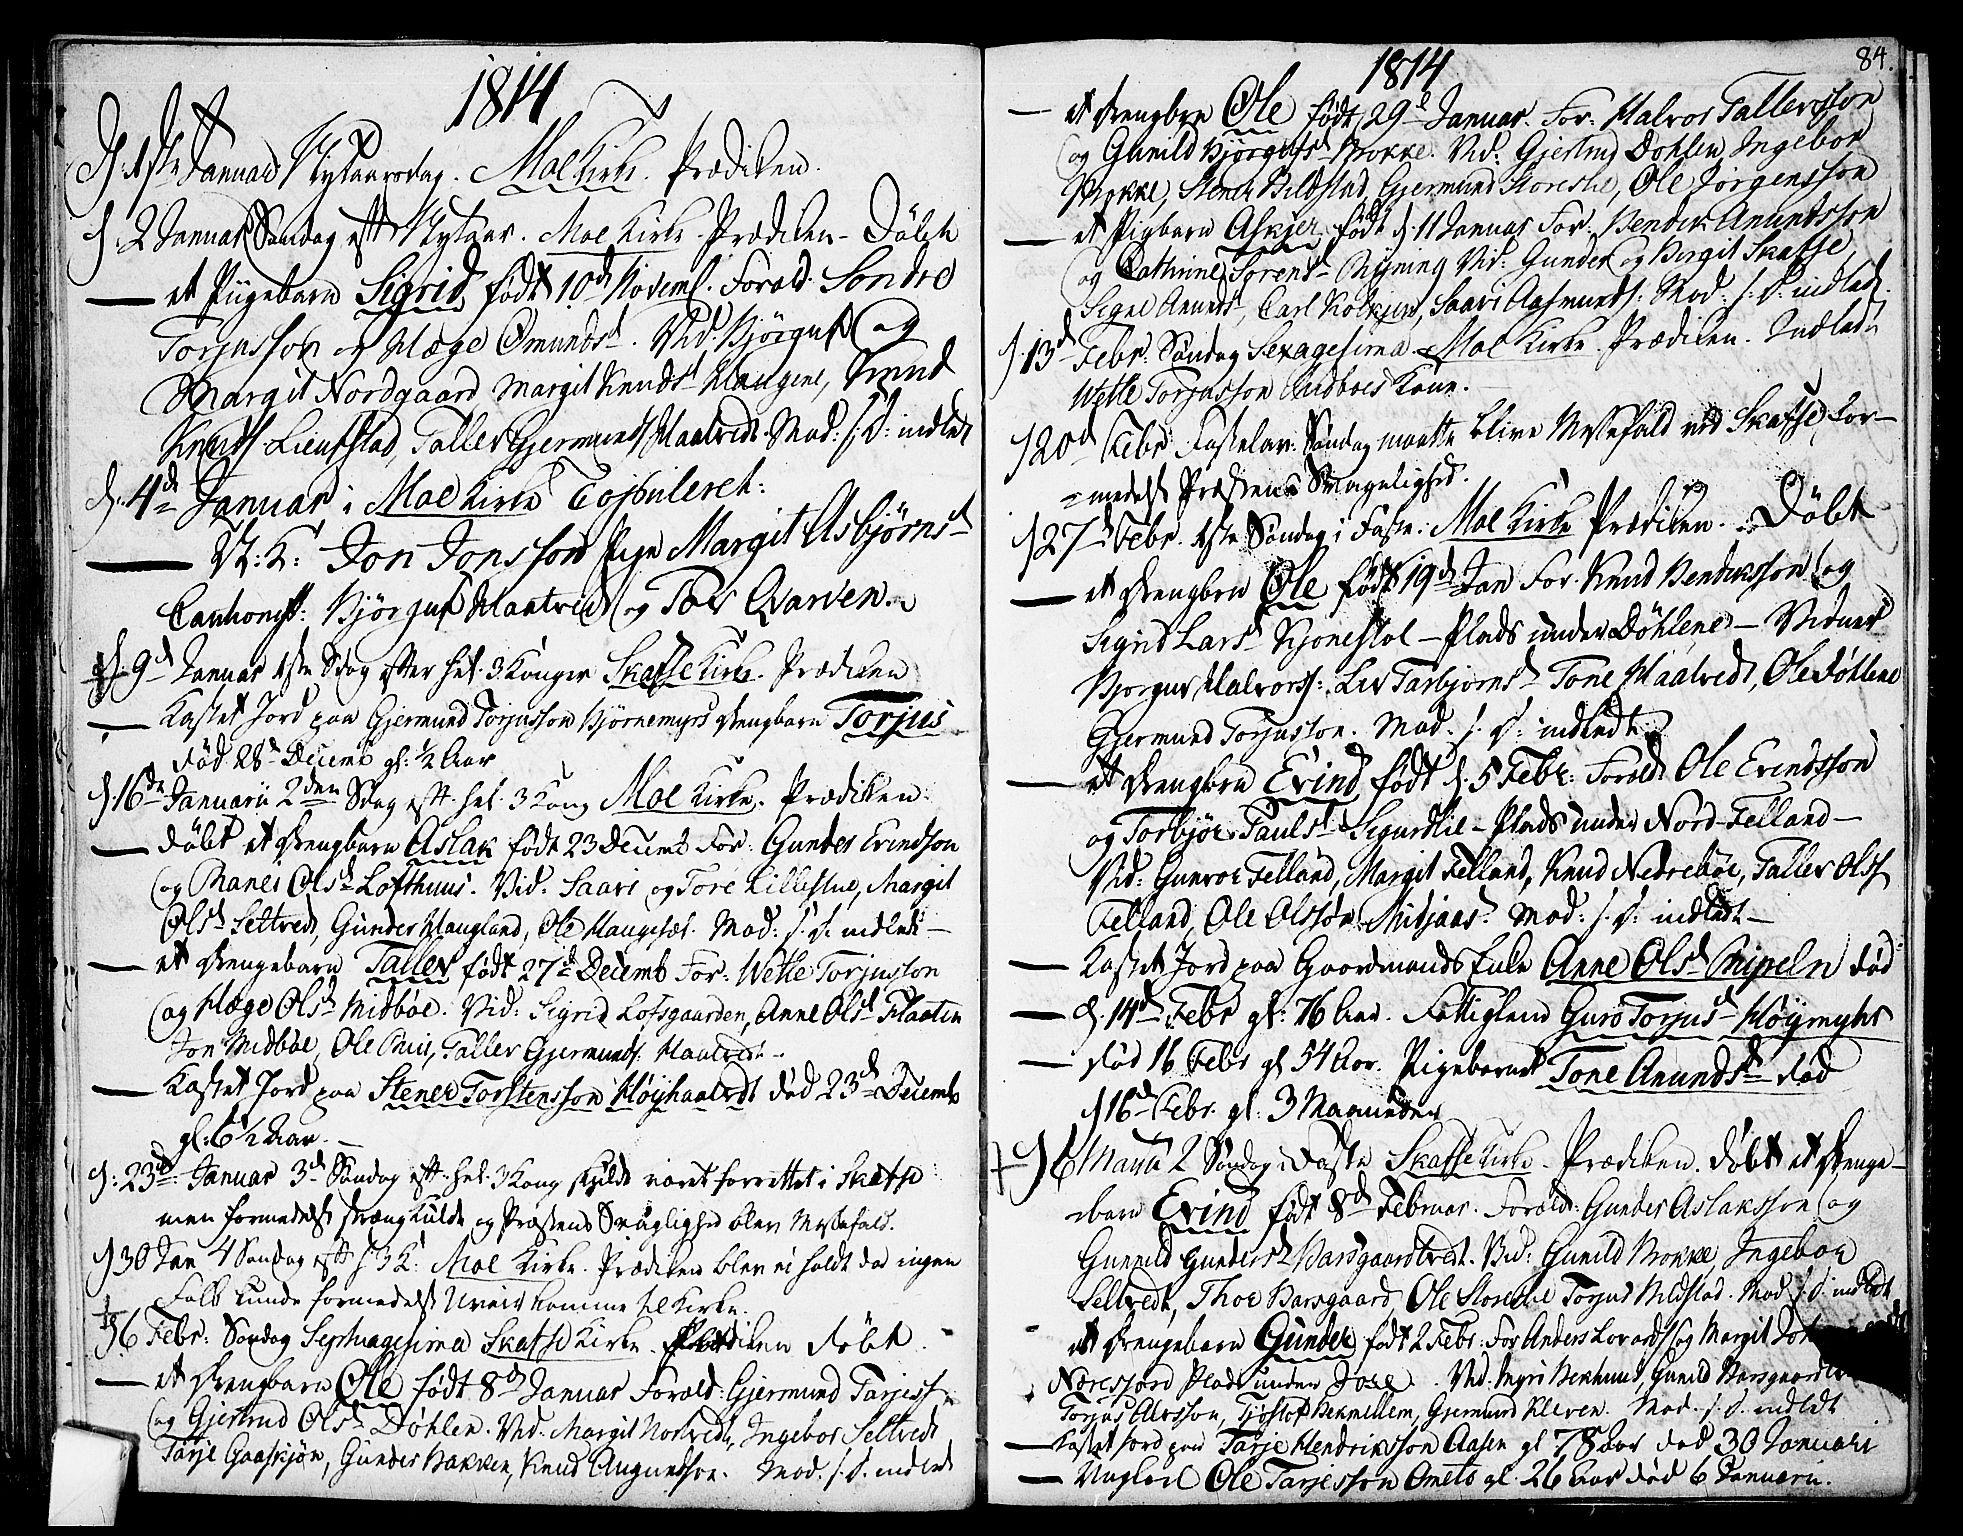 SAKO, Mo kirkebøker, F/Fa/L0003: Ministerialbok nr. I 3, 1800-1814, s. 84